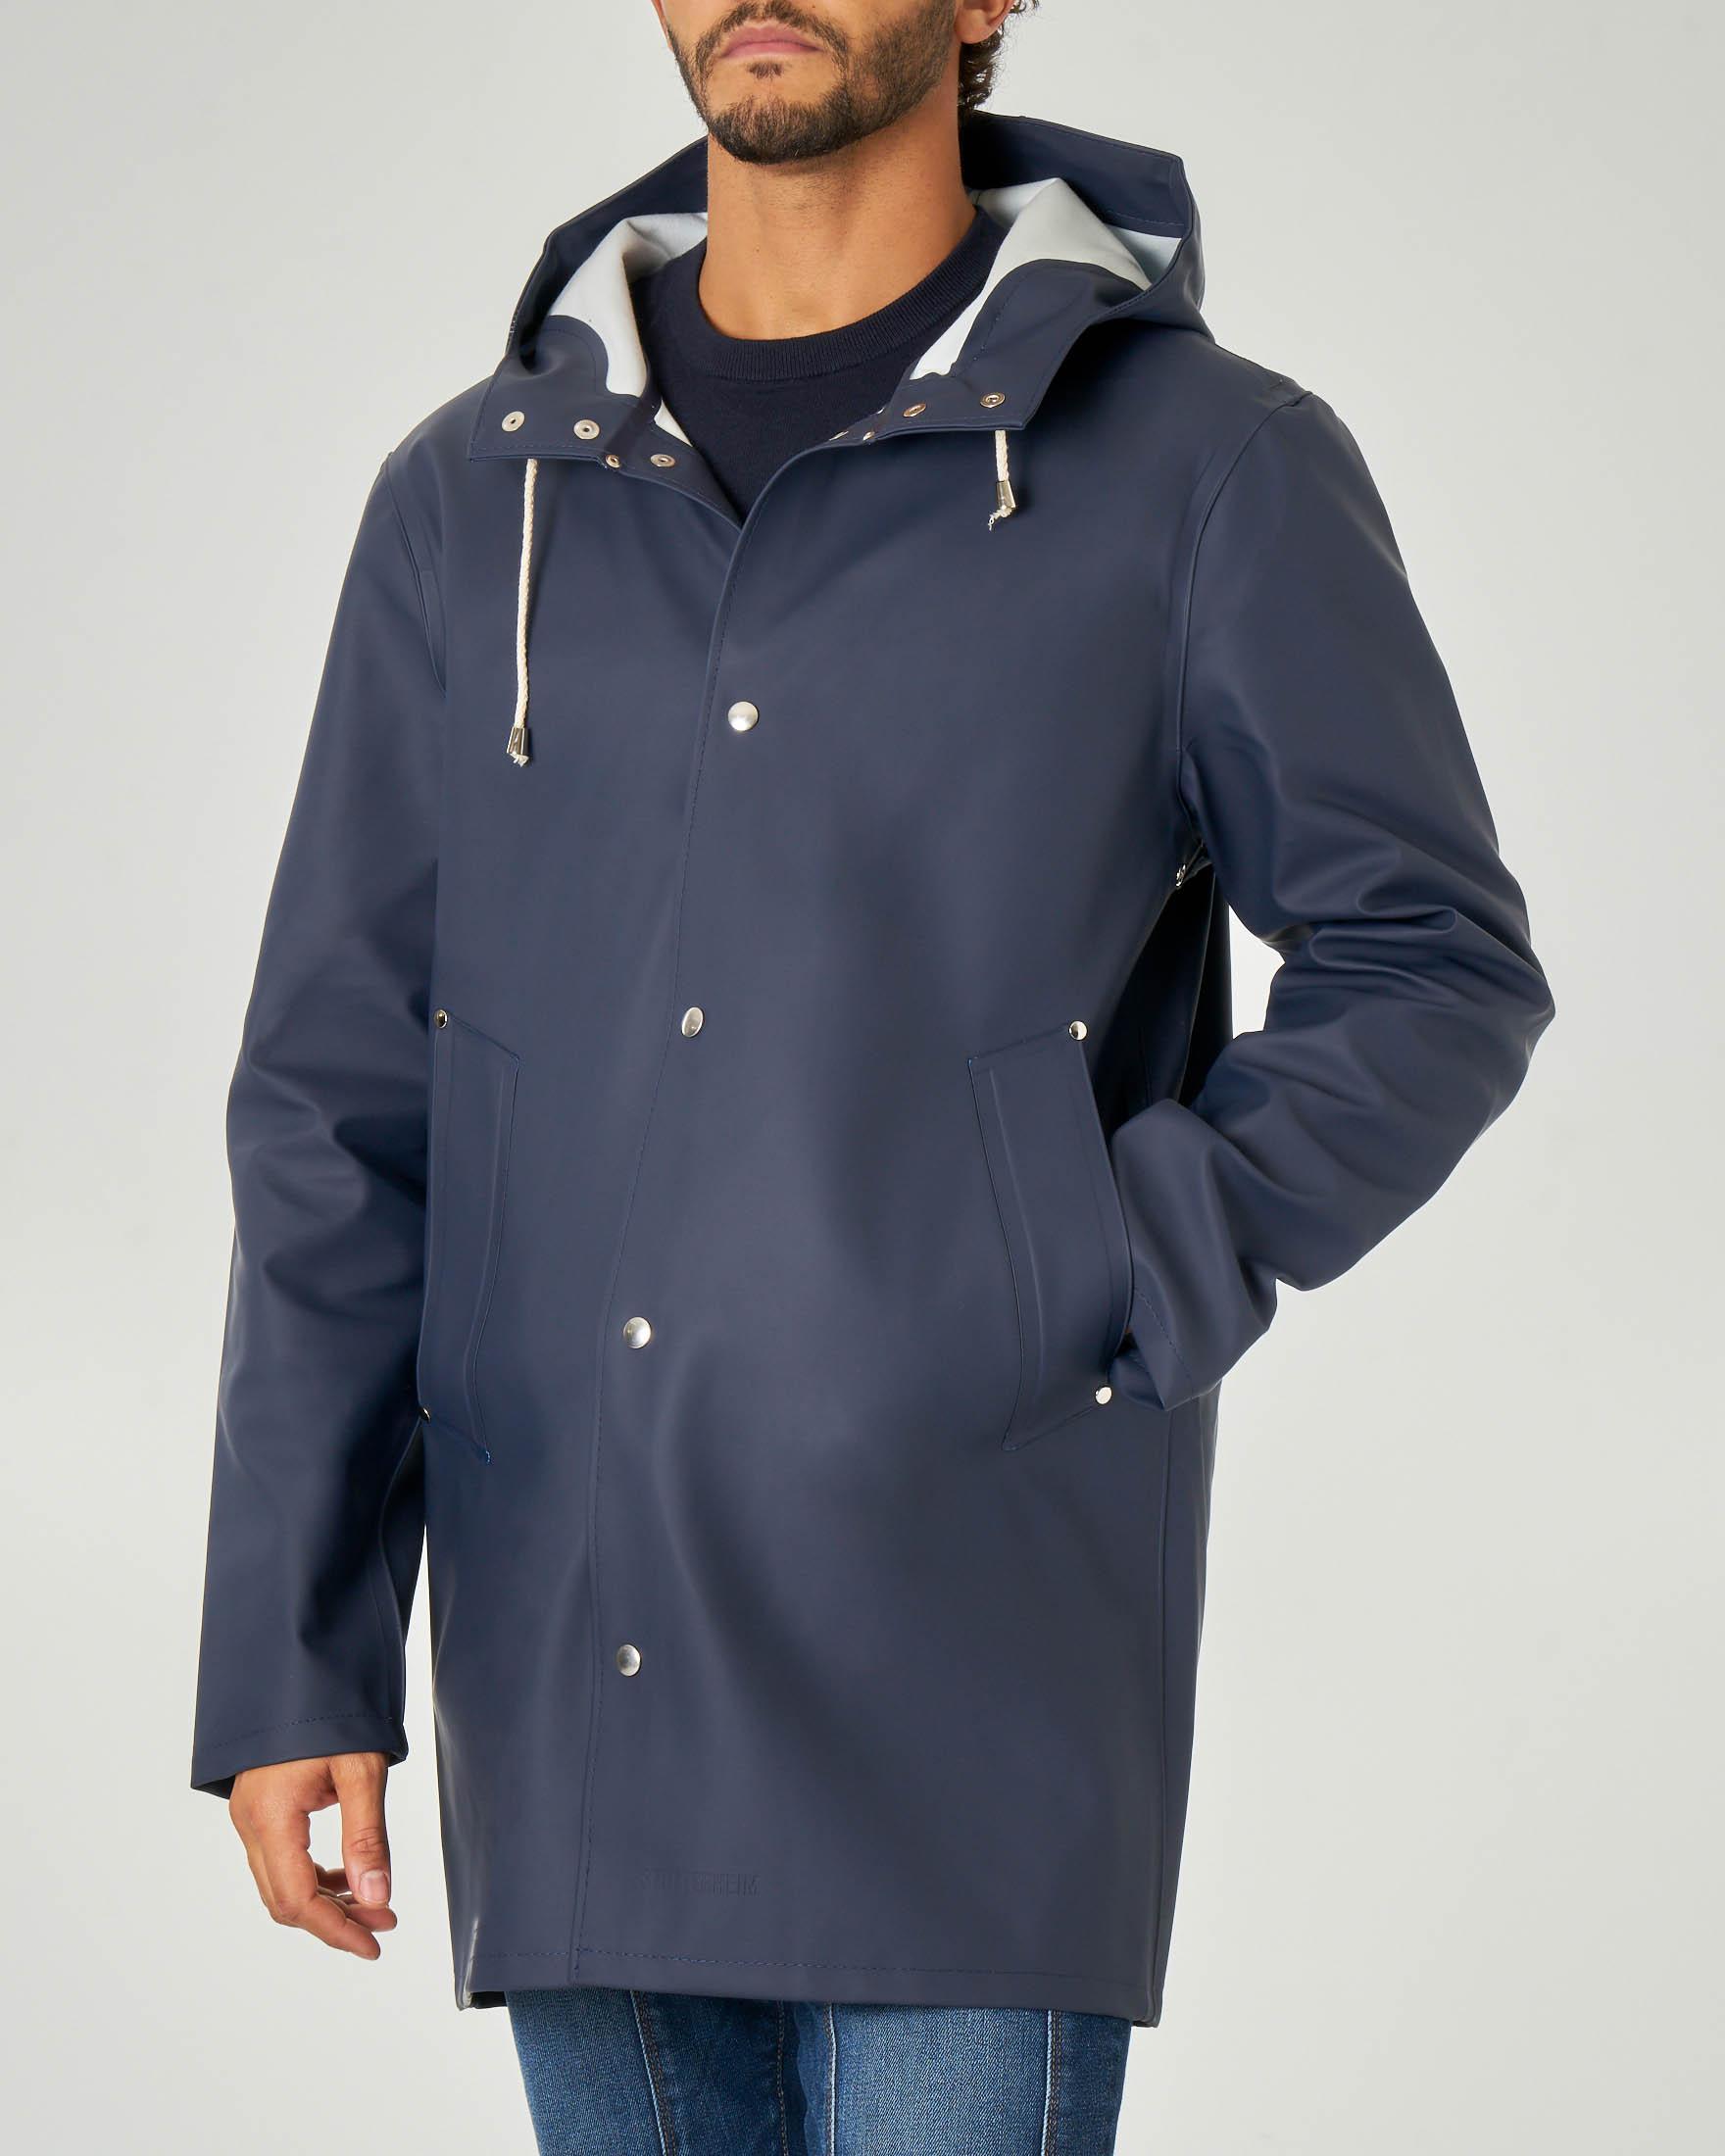 Impermeabile blu in tessuto gommato con cappuccio